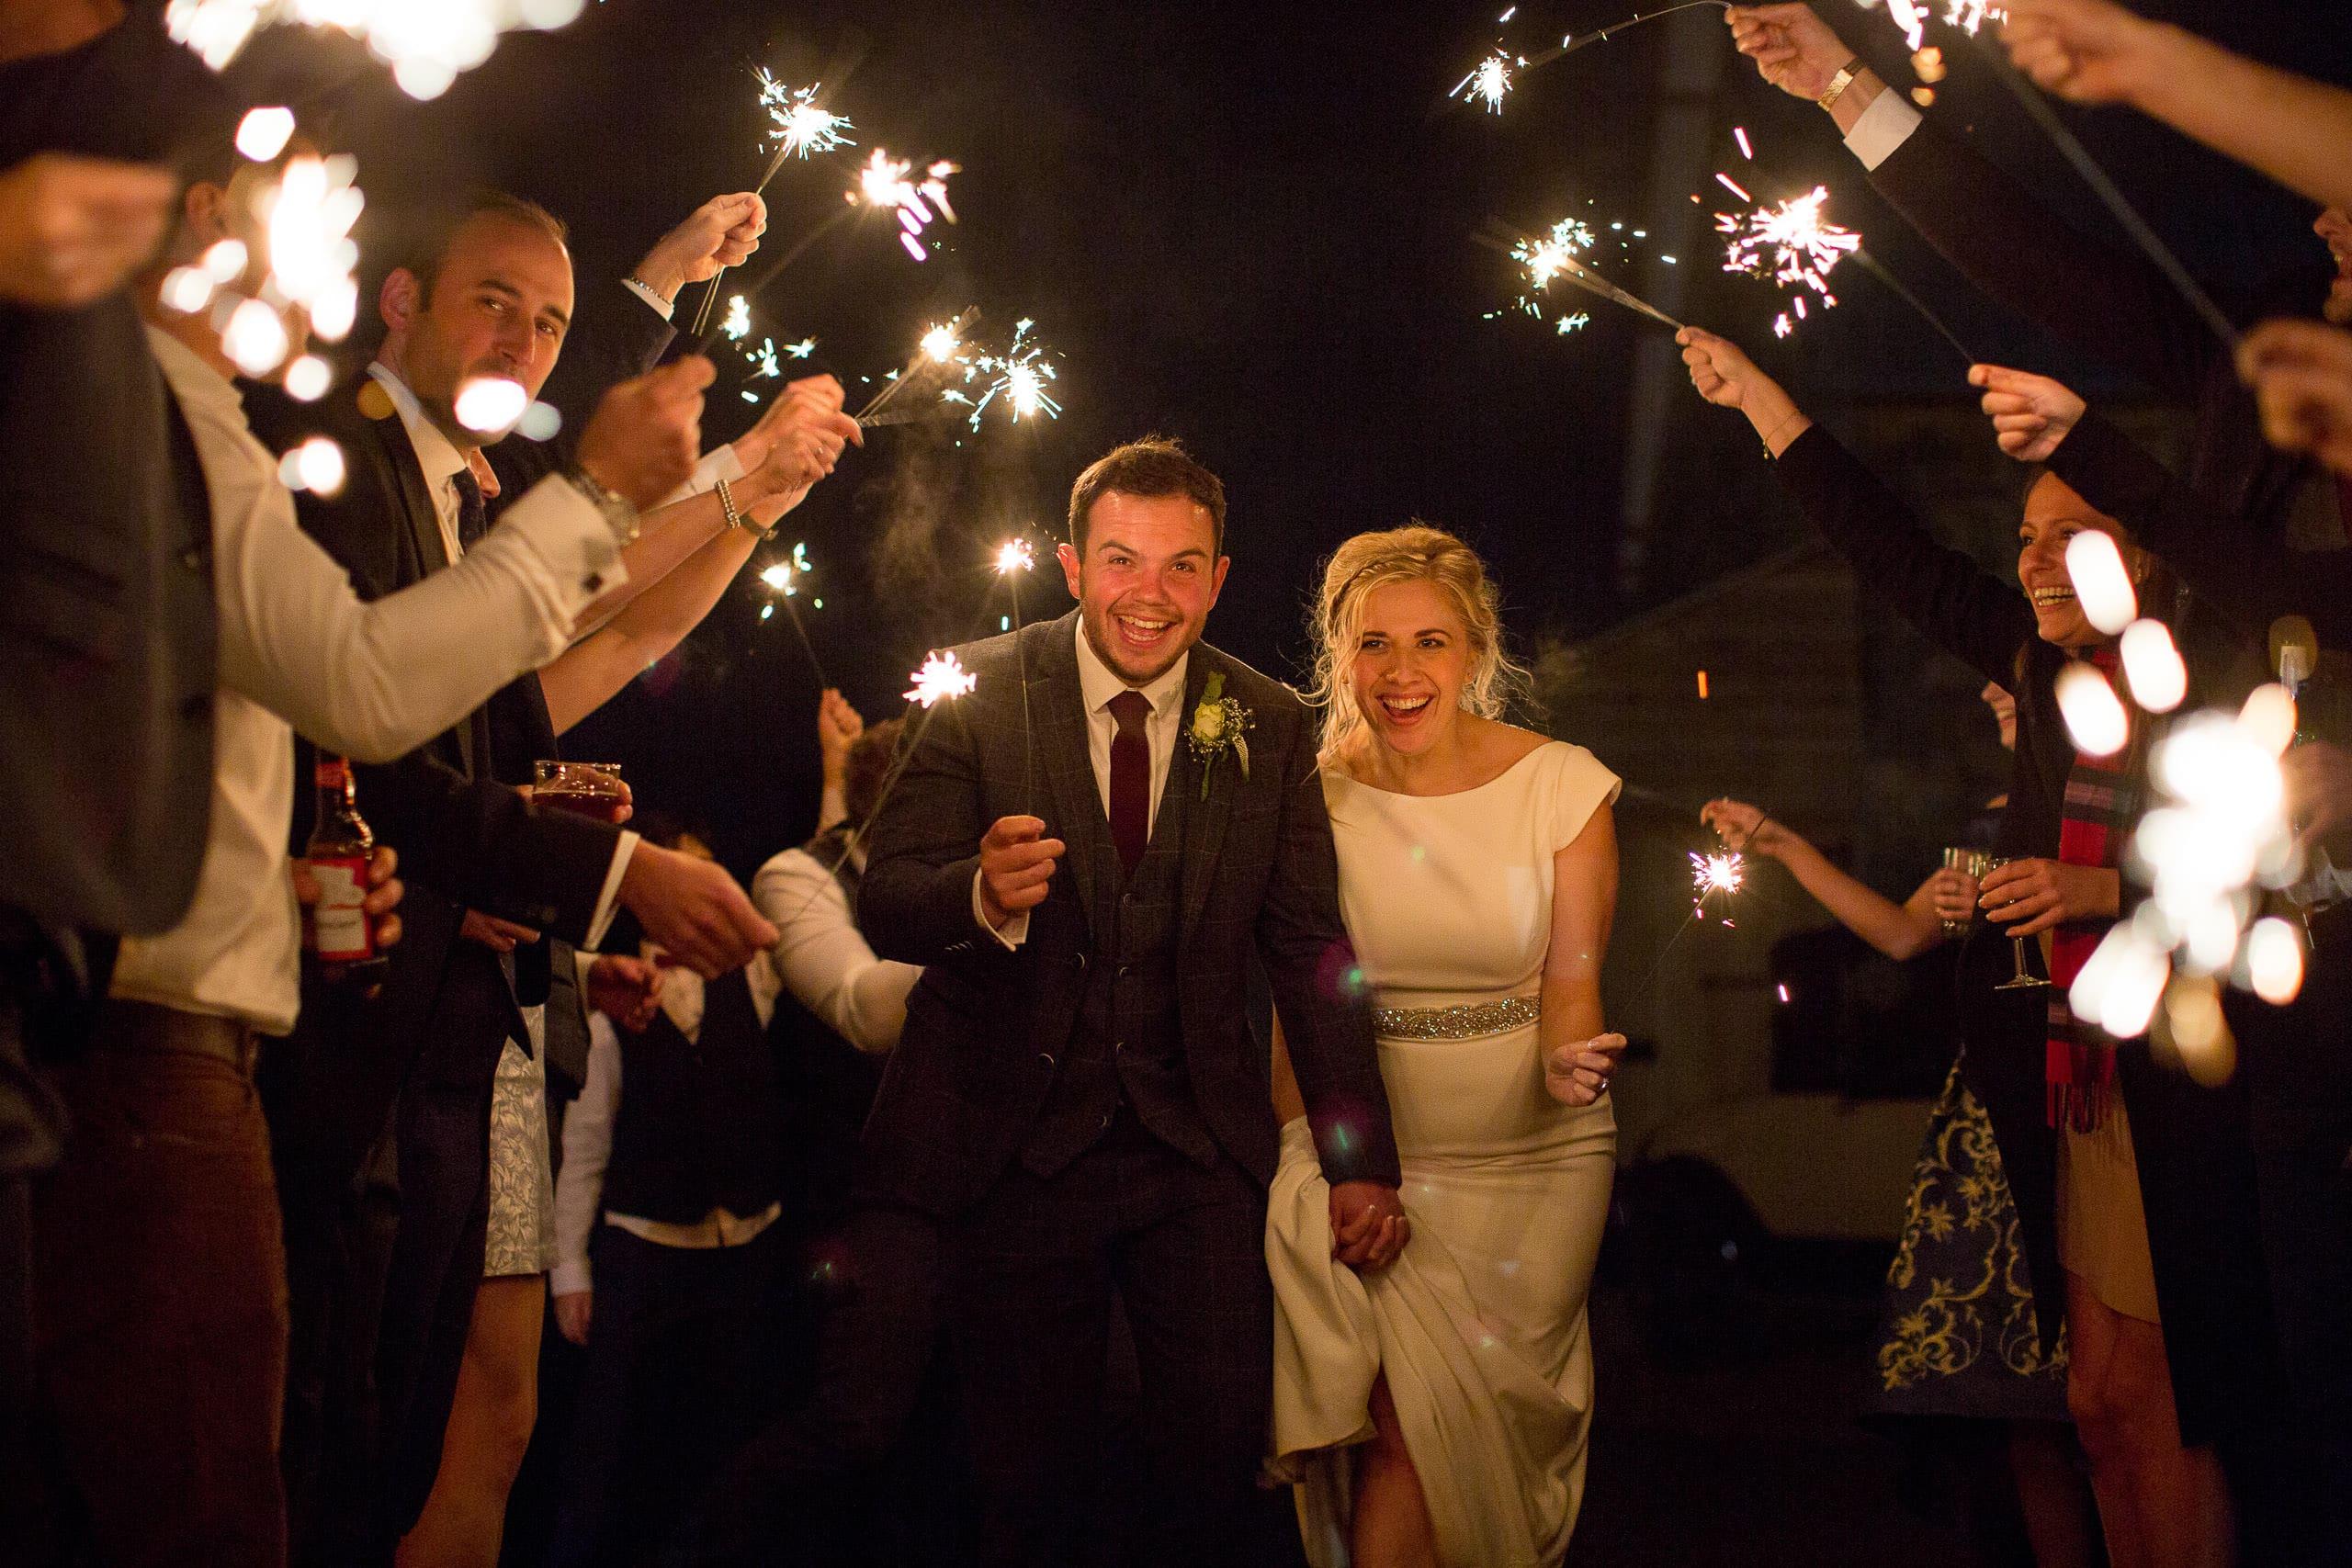 cotswolds wedding photographer,wedding photographers cotswolds,wedding photographers bristol